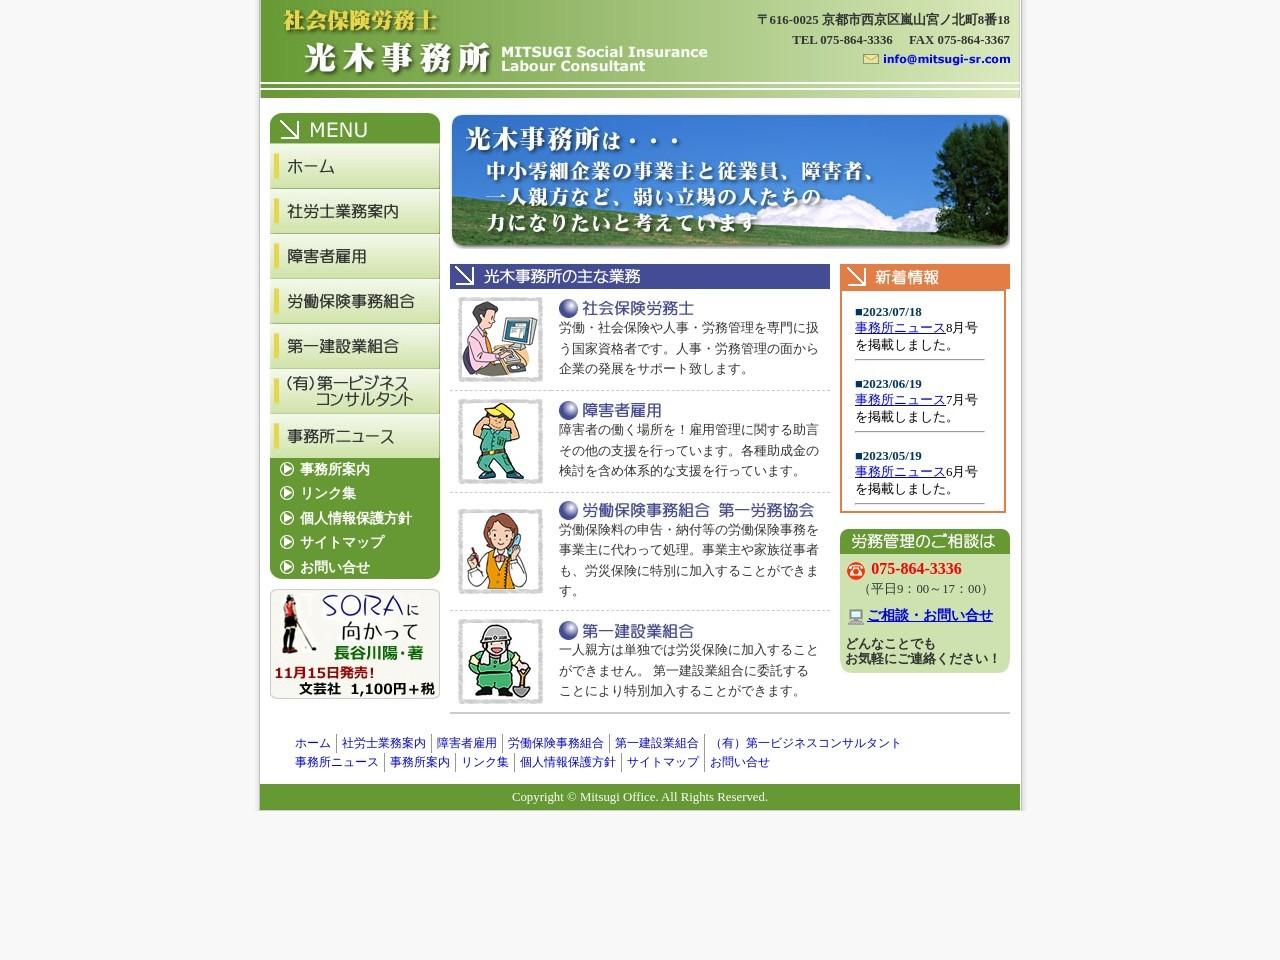 光木社会保険労務士事務所